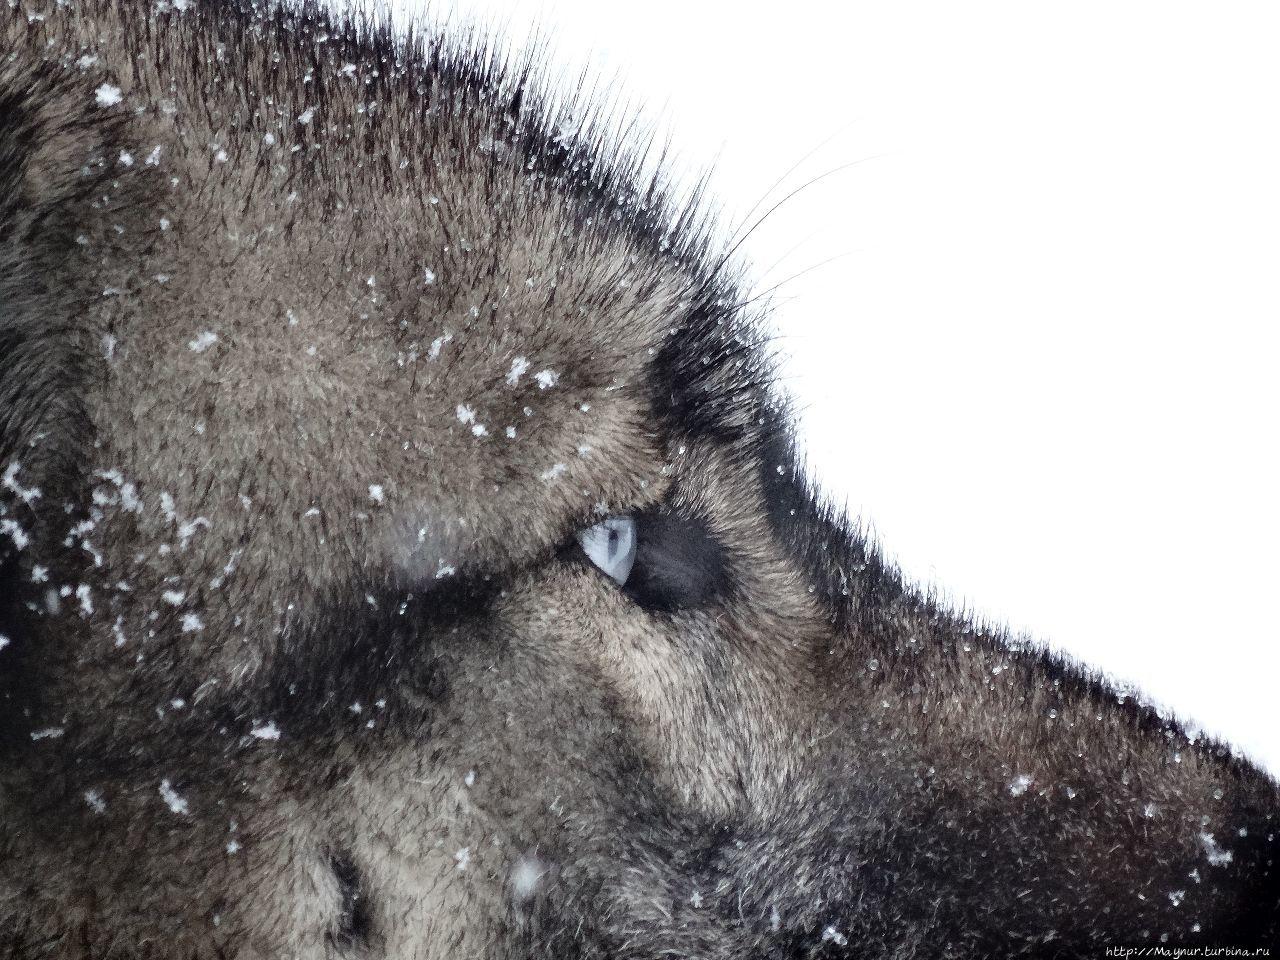 Ну, чем не волк? Порода в